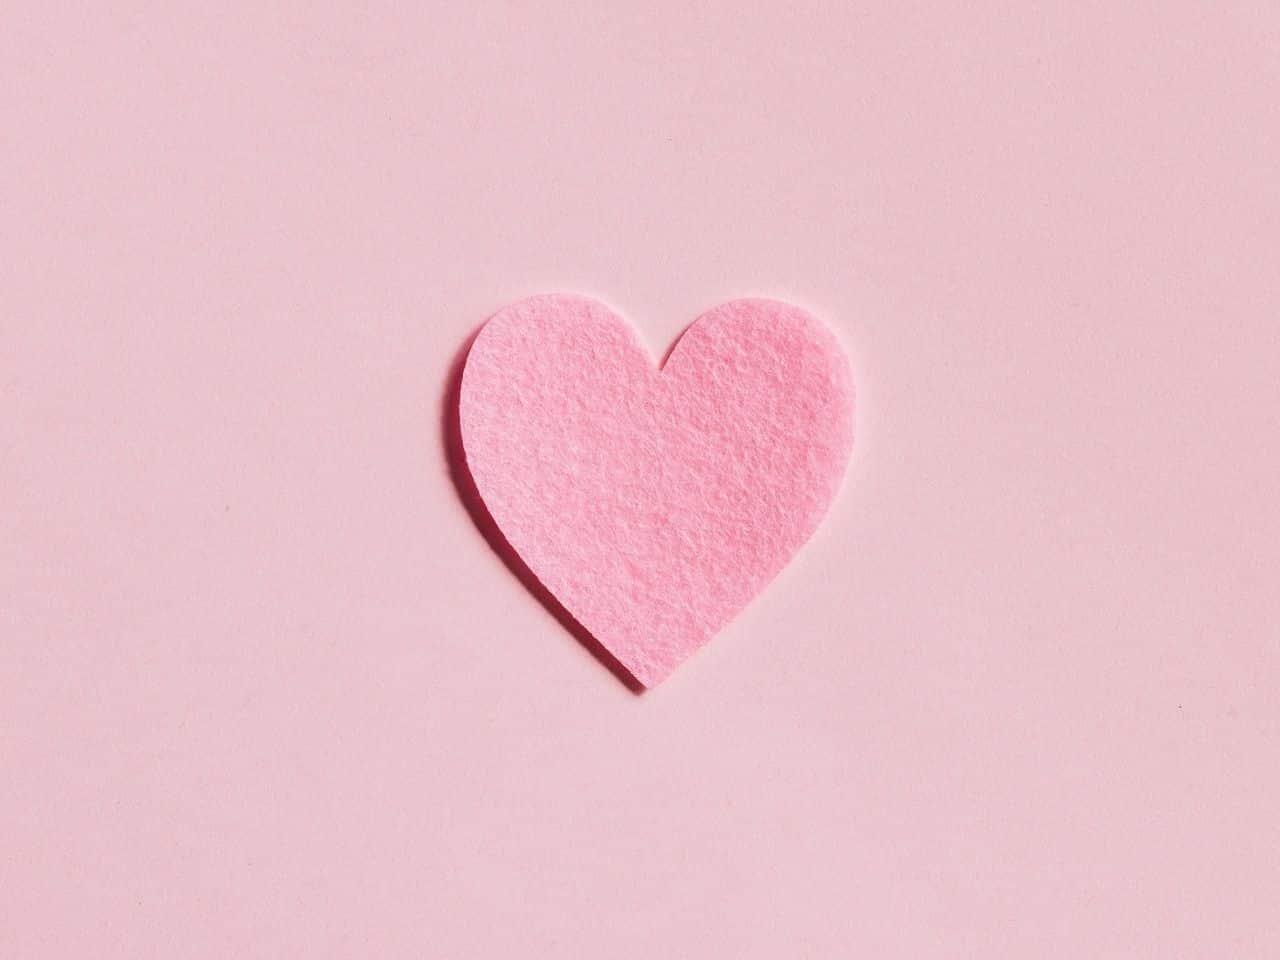 ハートマークとピンクの背景